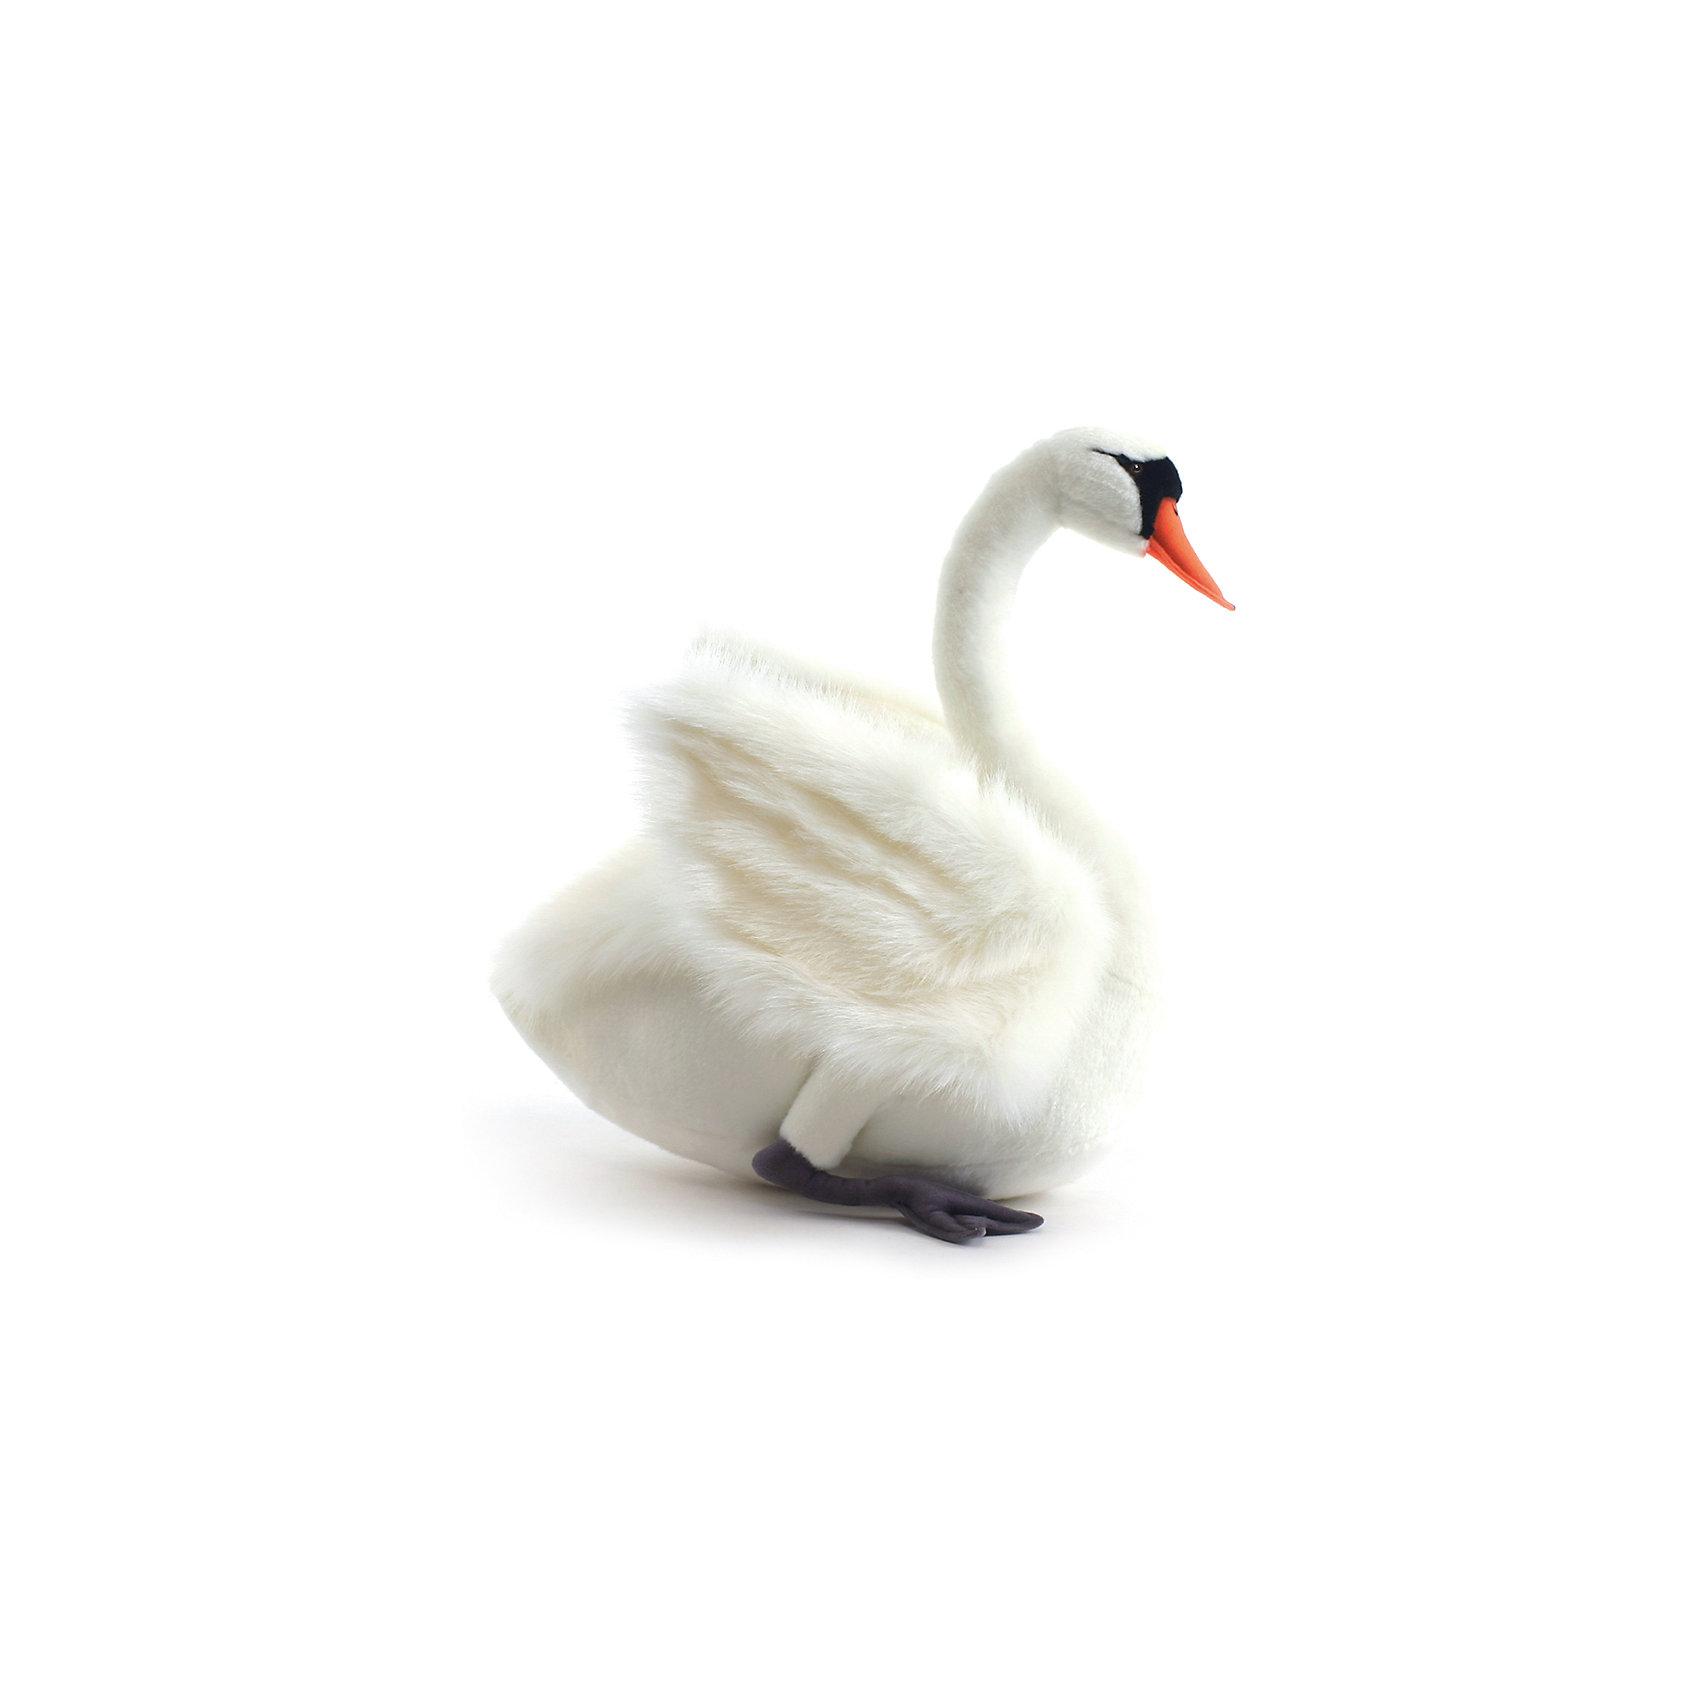 Лебедь белый , 45 см, HansaЗвери и птицы<br><br><br>Ширина мм: 640<br>Глубина мм: 310<br>Высота мм: 450<br>Вес г: 840<br>Возраст от месяцев: 36<br>Возраст до месяцев: 2147483647<br>Пол: Унисекс<br>Возраст: Детский<br>SKU: 6680730